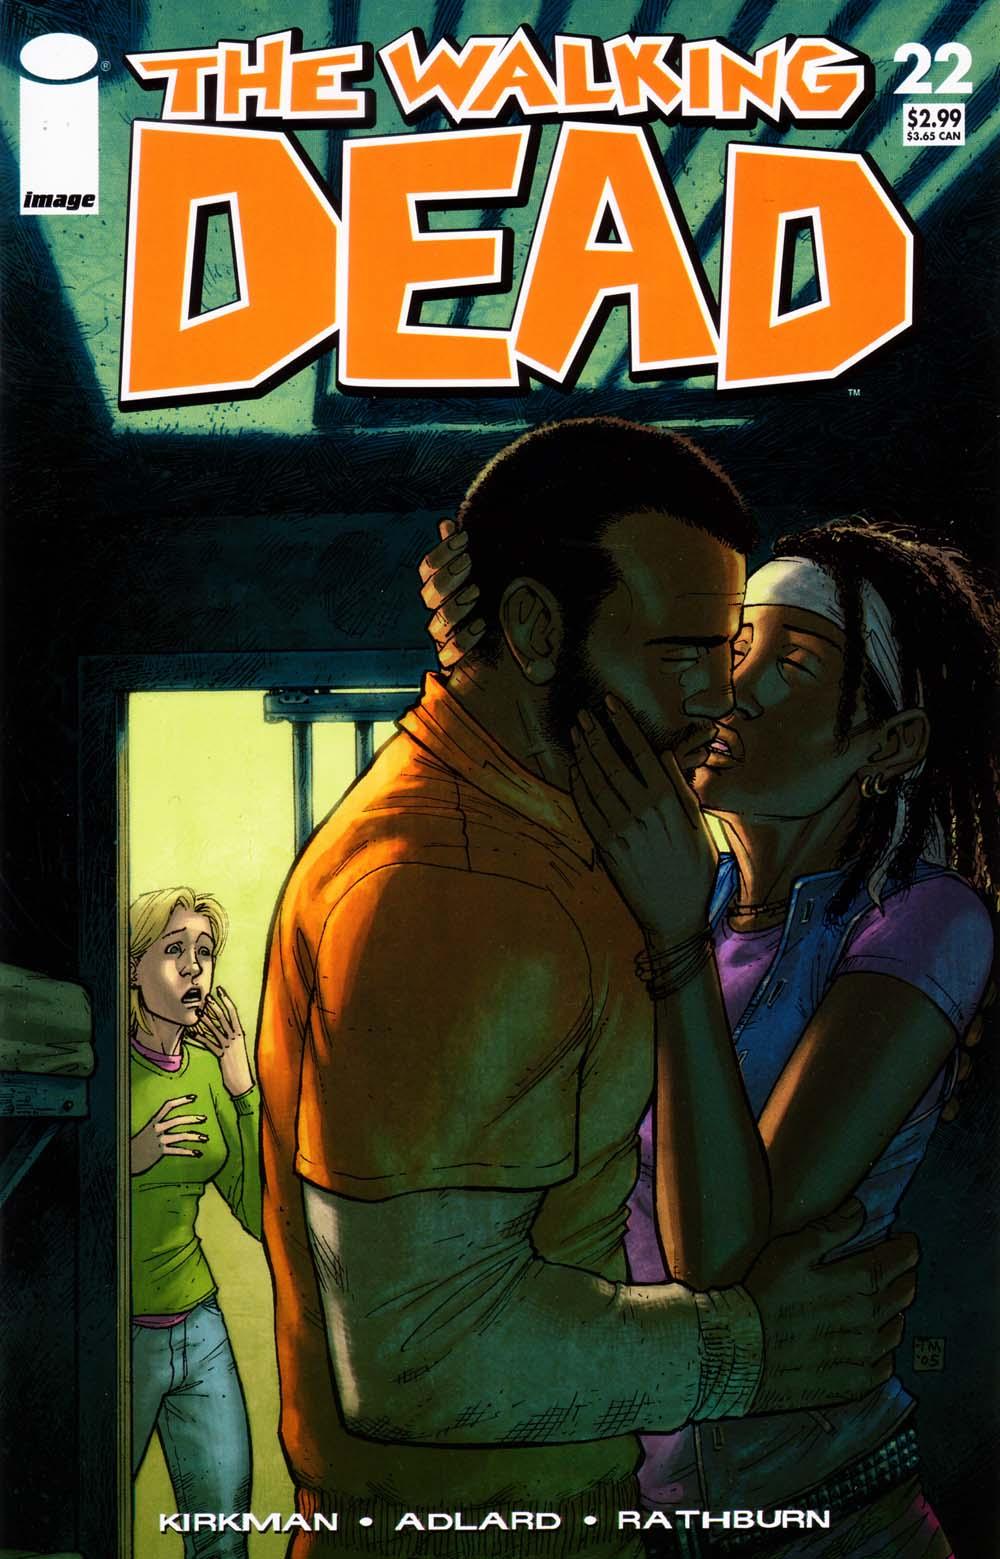 The Walking Dead Issue 91 Pdf